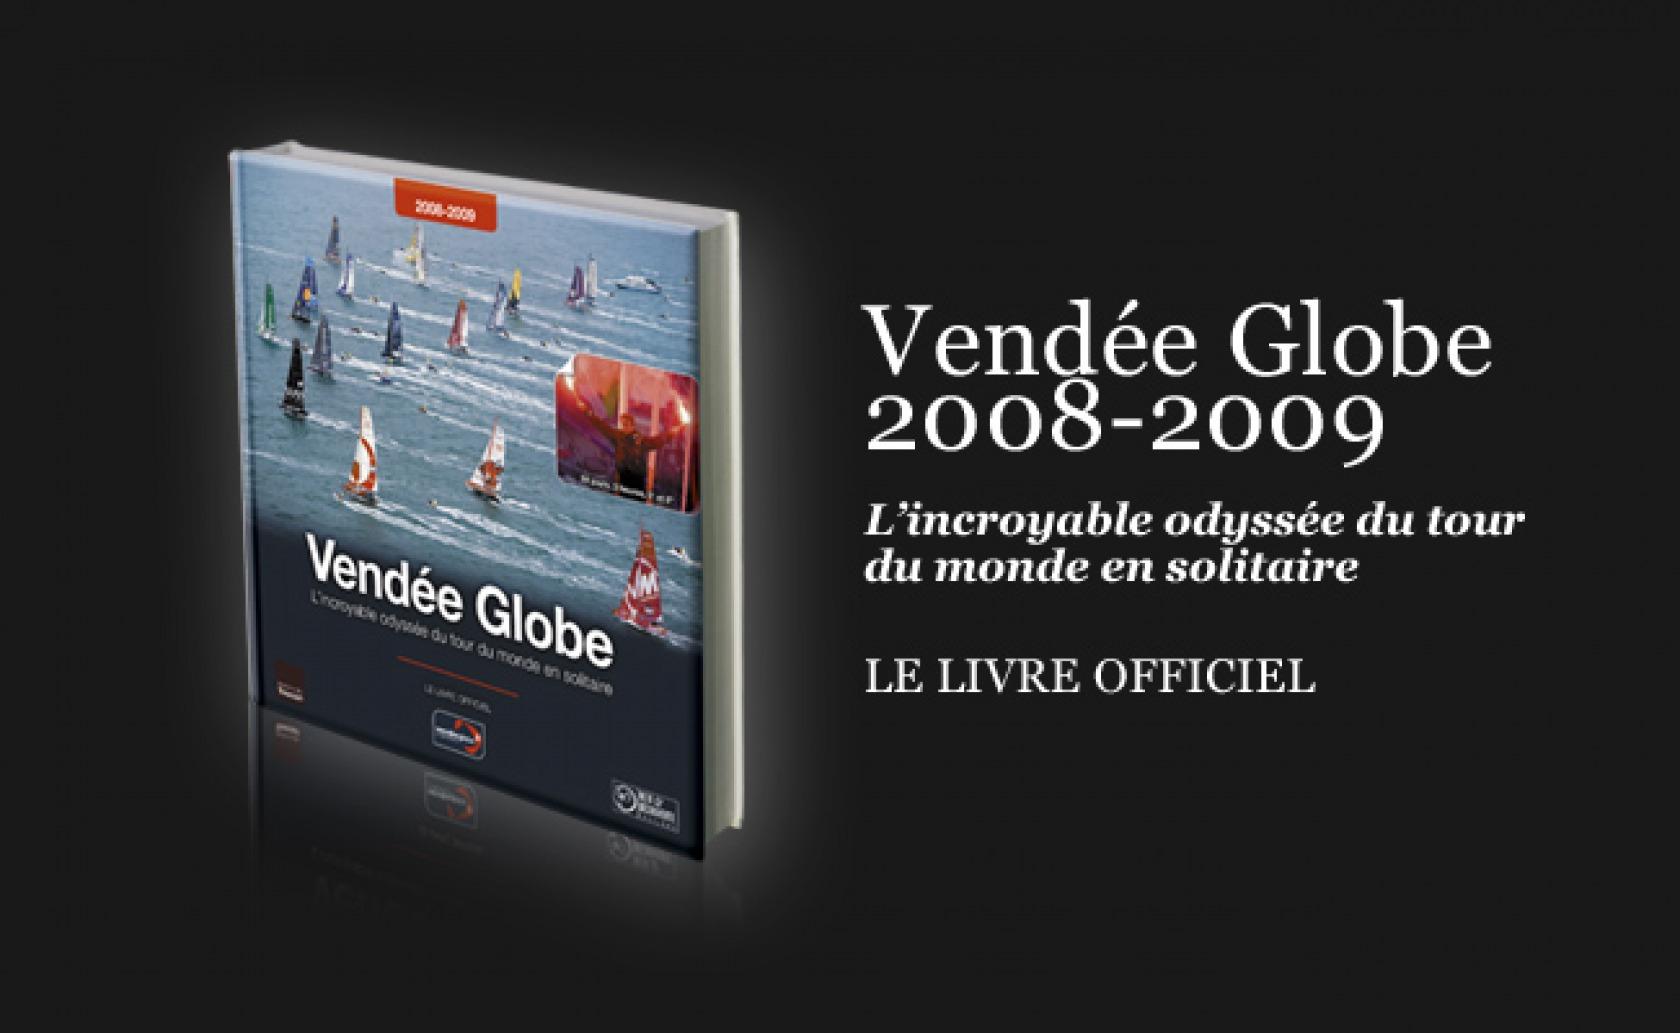 actualit s sortie du livre officiel du vend e globe 2008 2009 vend e globe. Black Bedroom Furniture Sets. Home Design Ideas